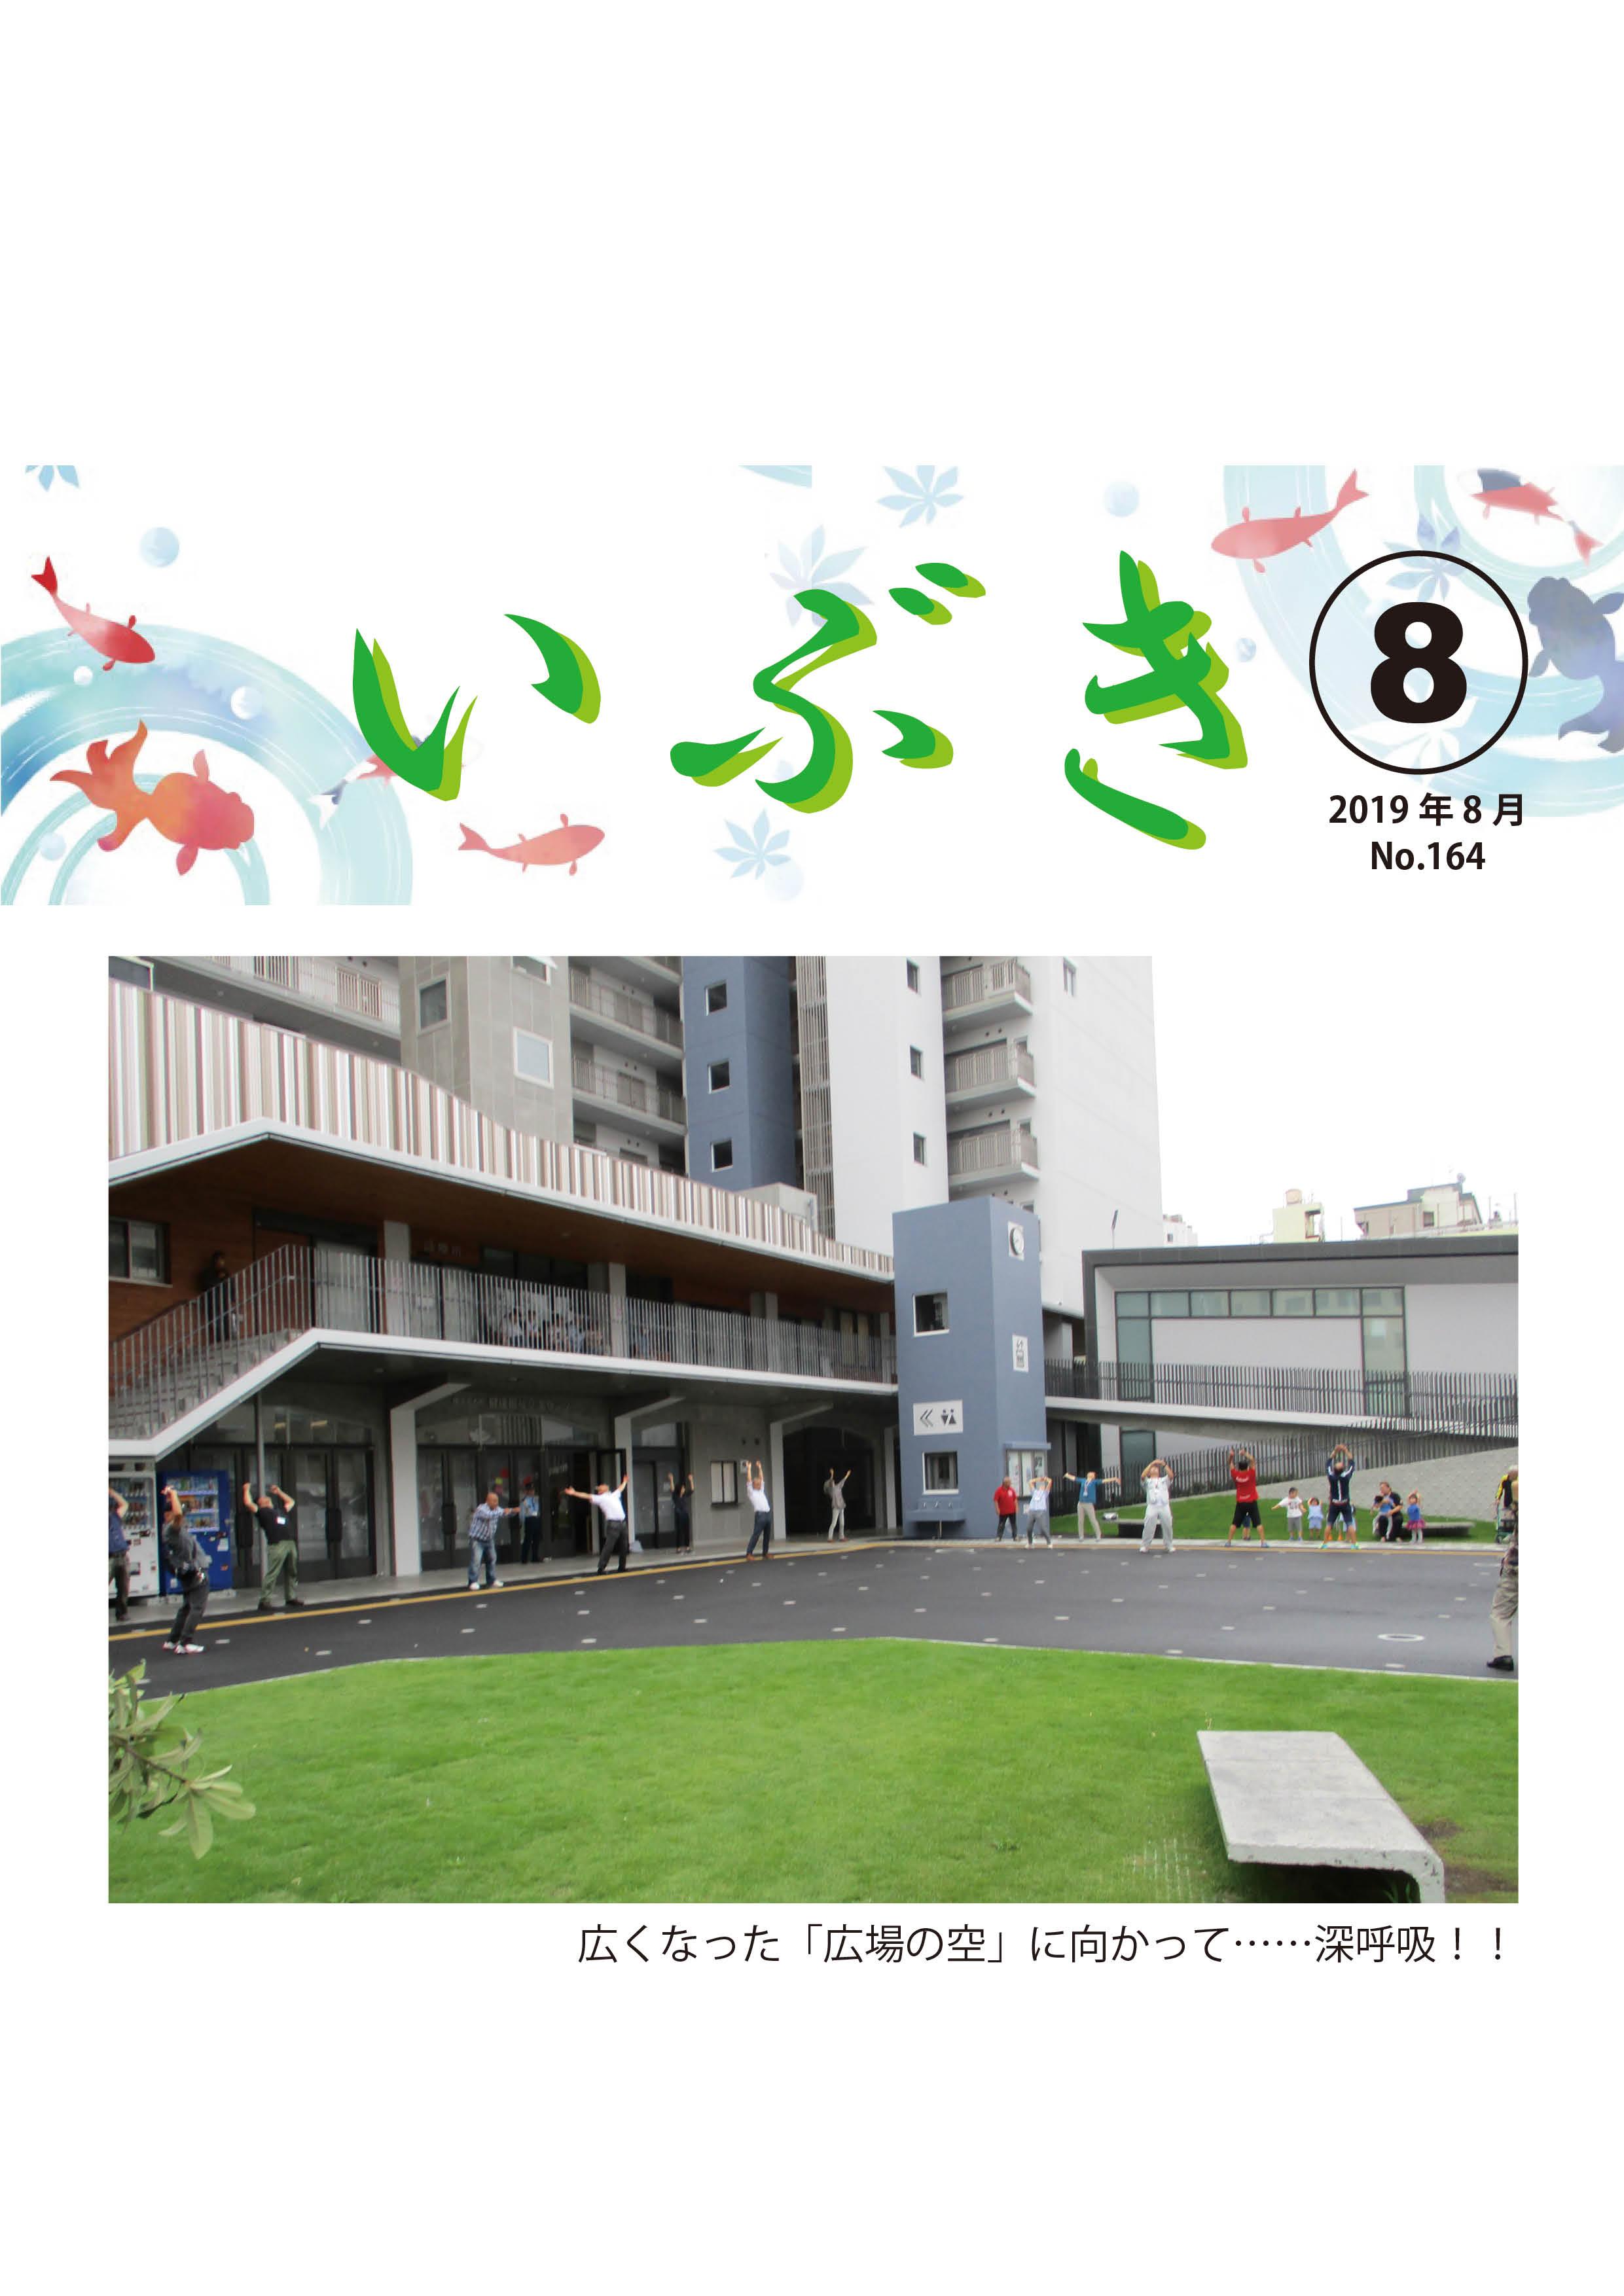 広報紙いぶき2019年8月号(No.164)